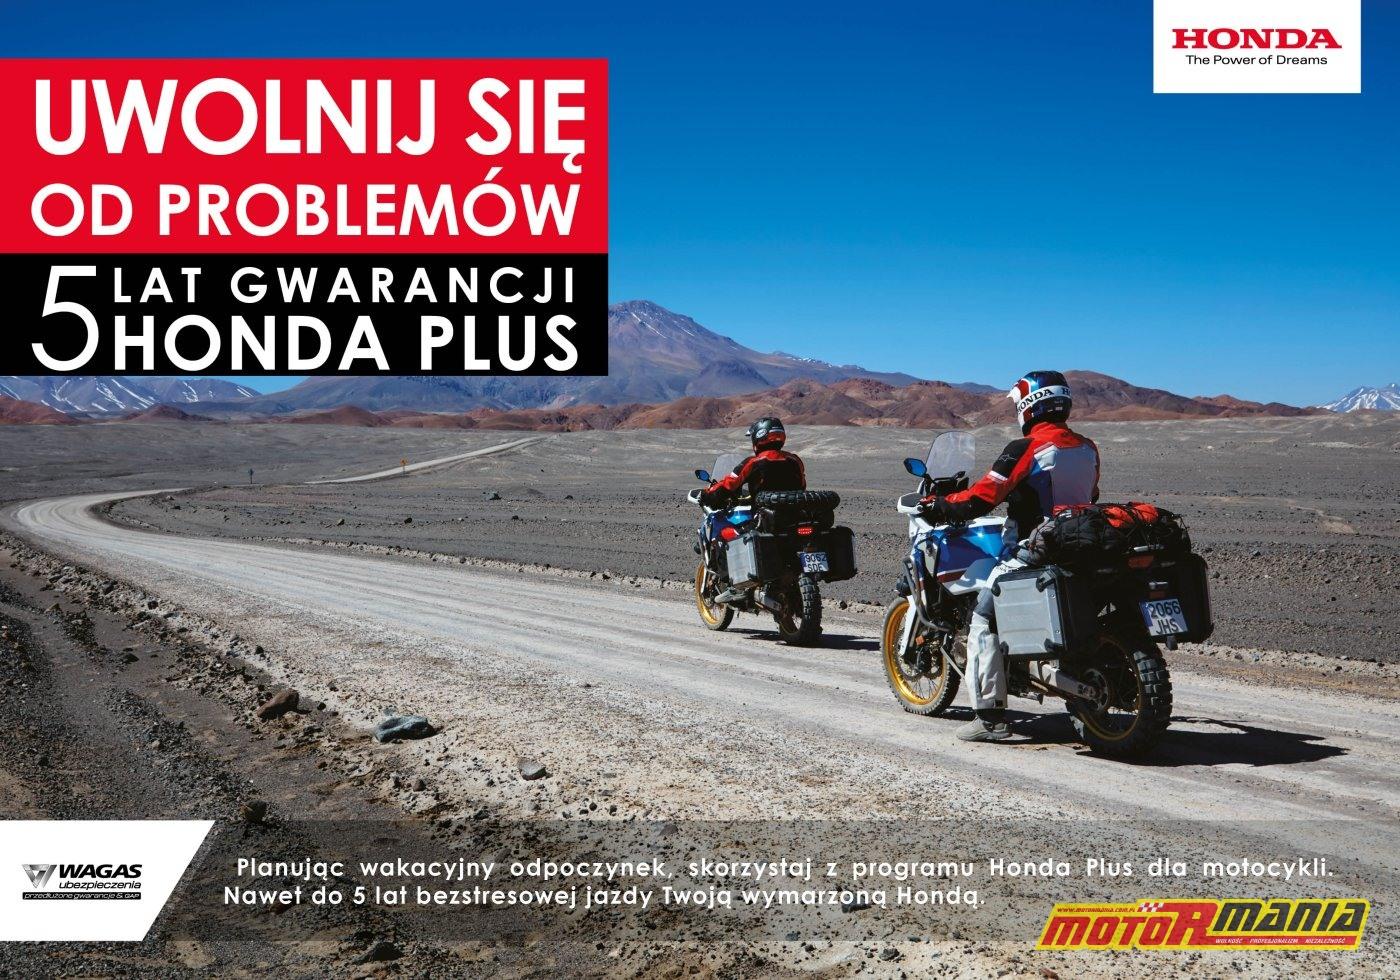 Gwarancja Honda Plus na 5 lat (2)